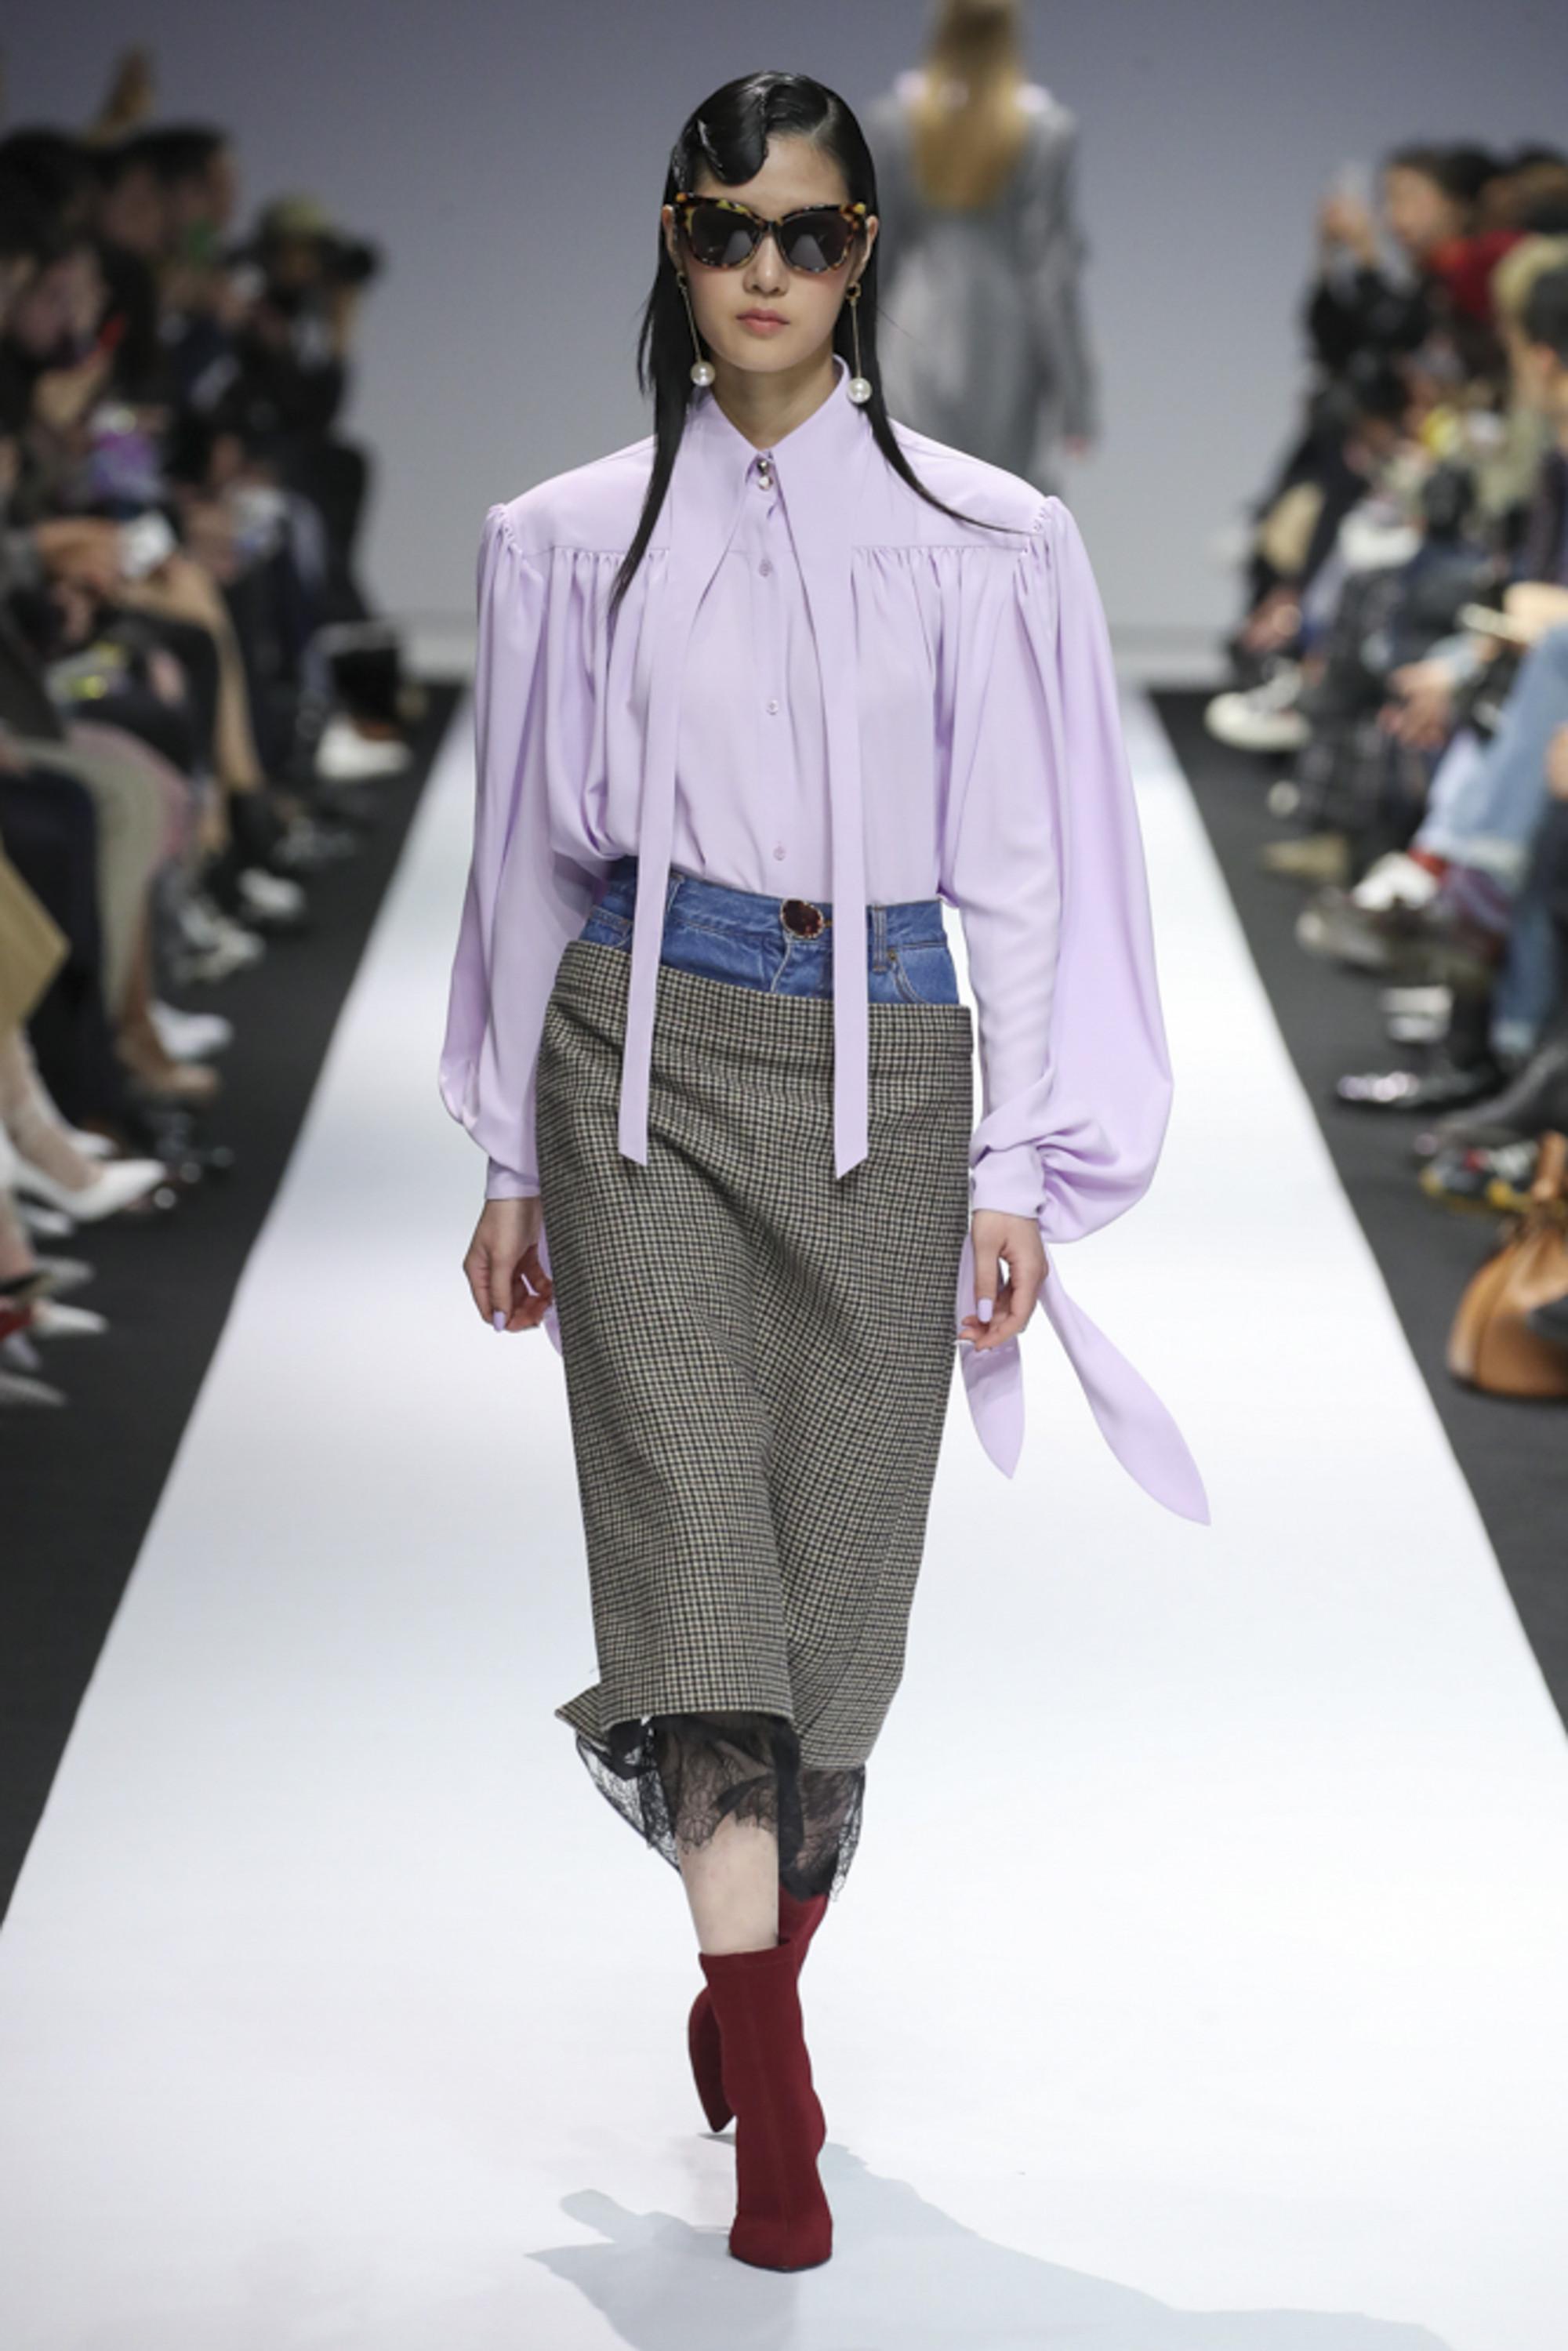 YCH модная блузка 2019 нежного бледно-фиолетового цвета